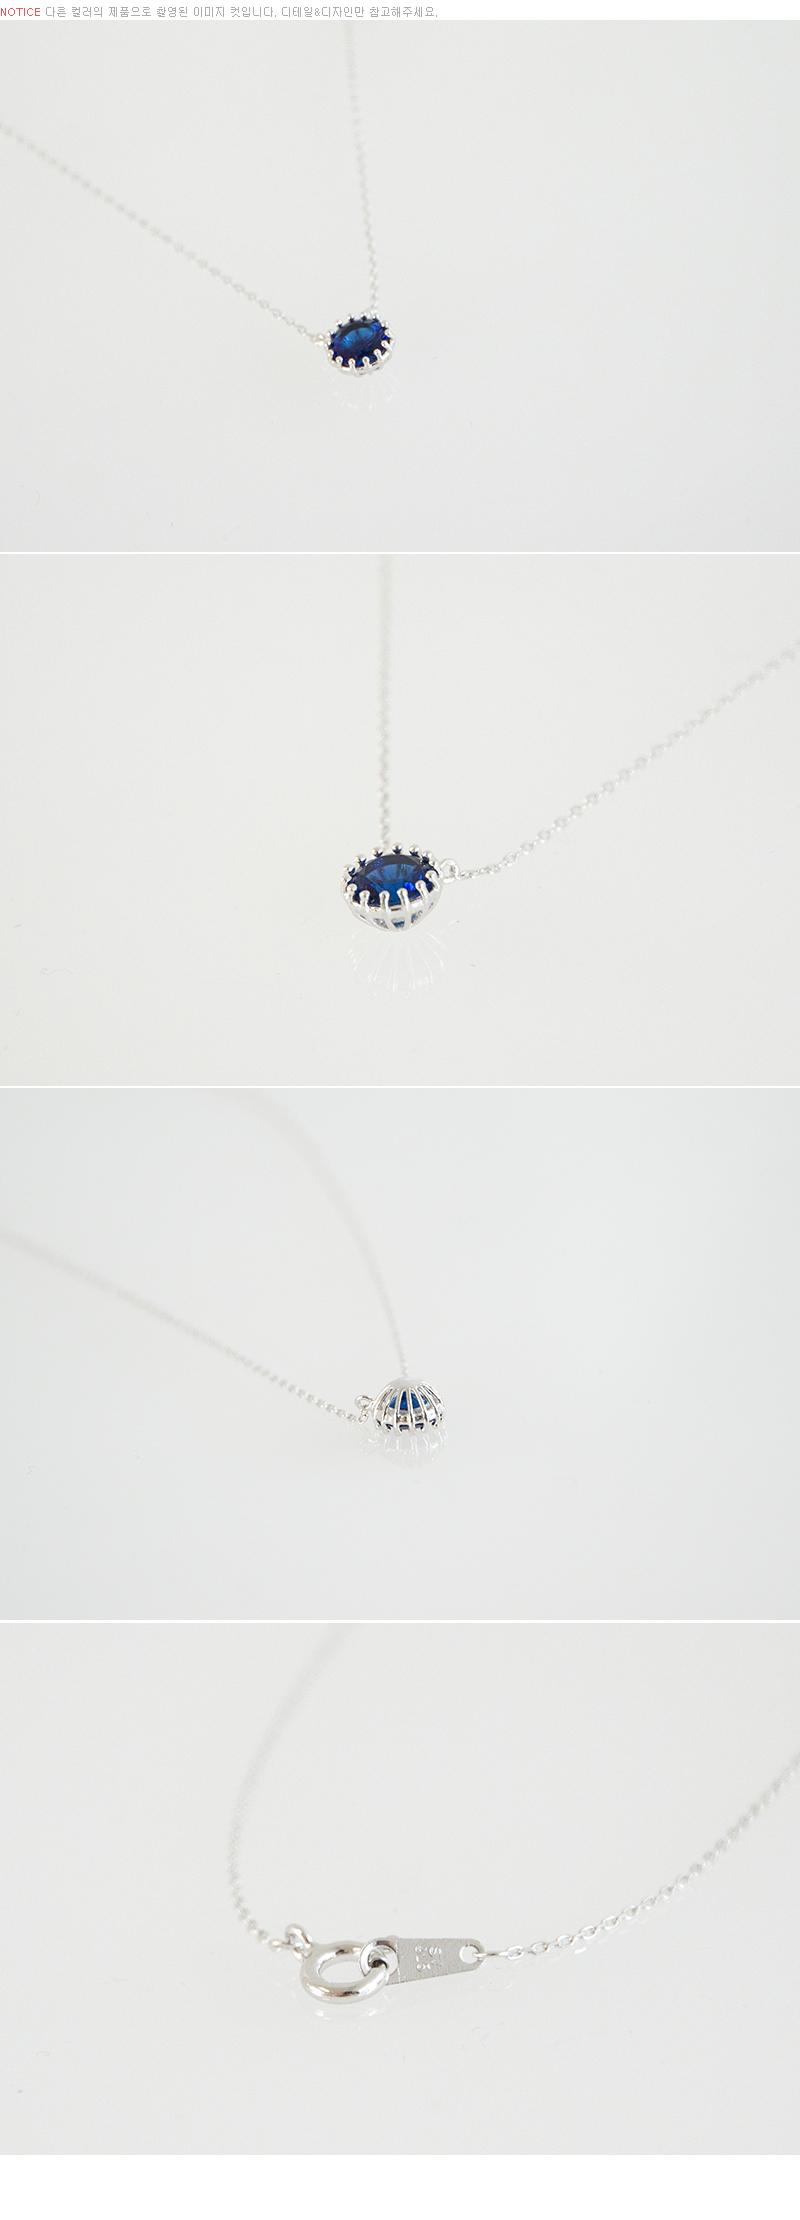 실버925 8월 탄생석 큐빅 목걸이(케이스포함) - 쿠키세븐, 18,240원, 패션, 패션목걸이